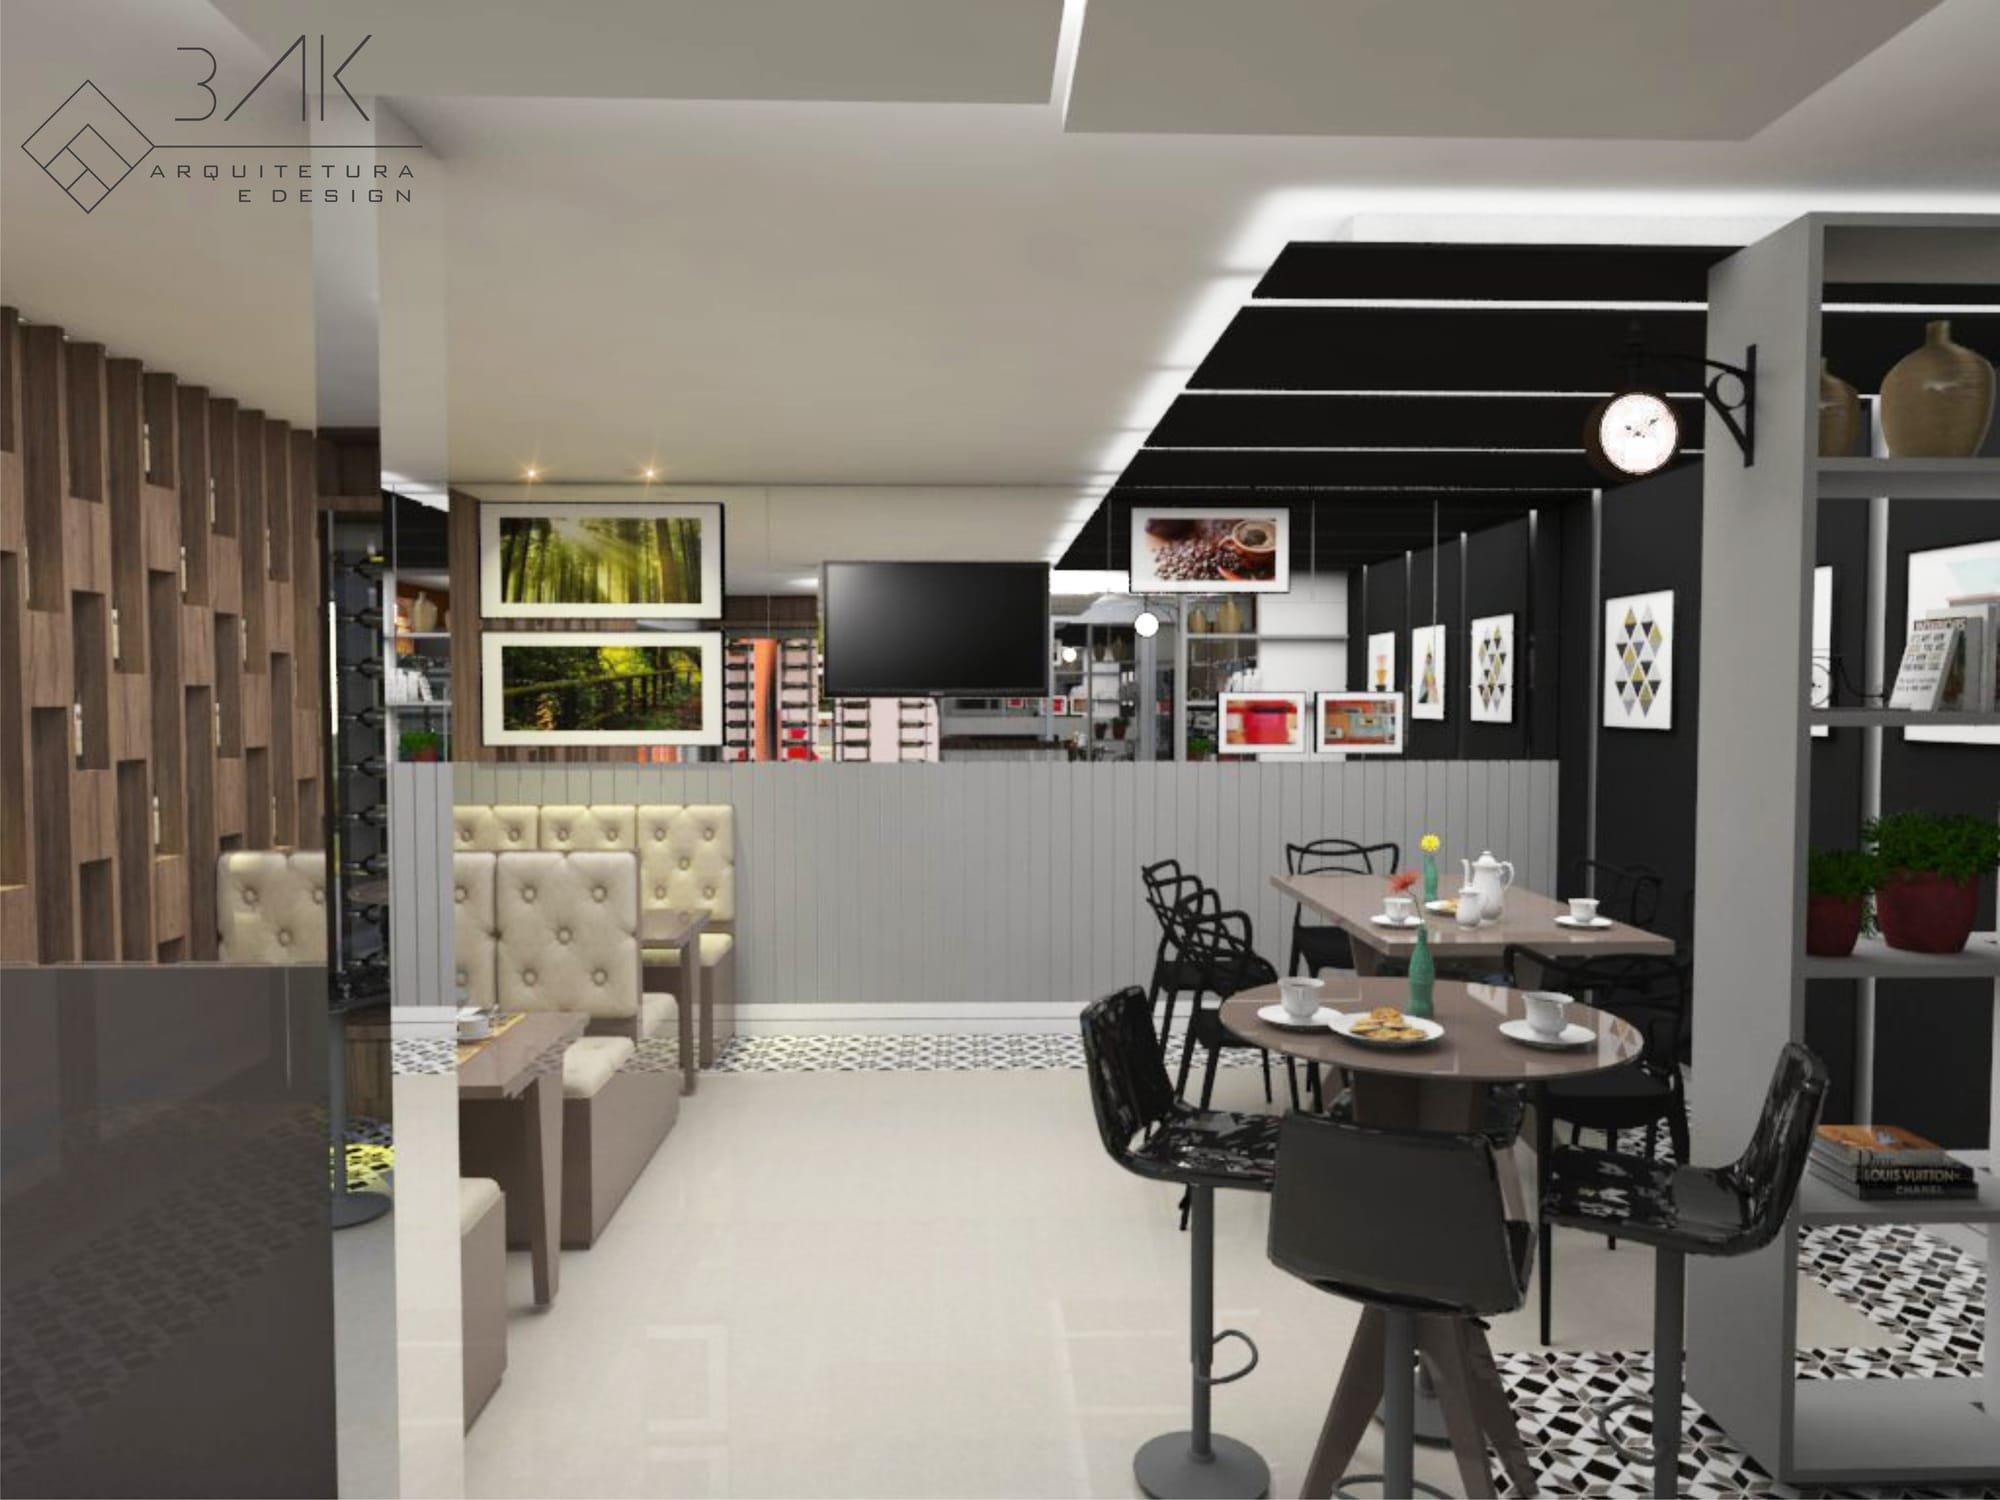 3ak Arquitetura E Design